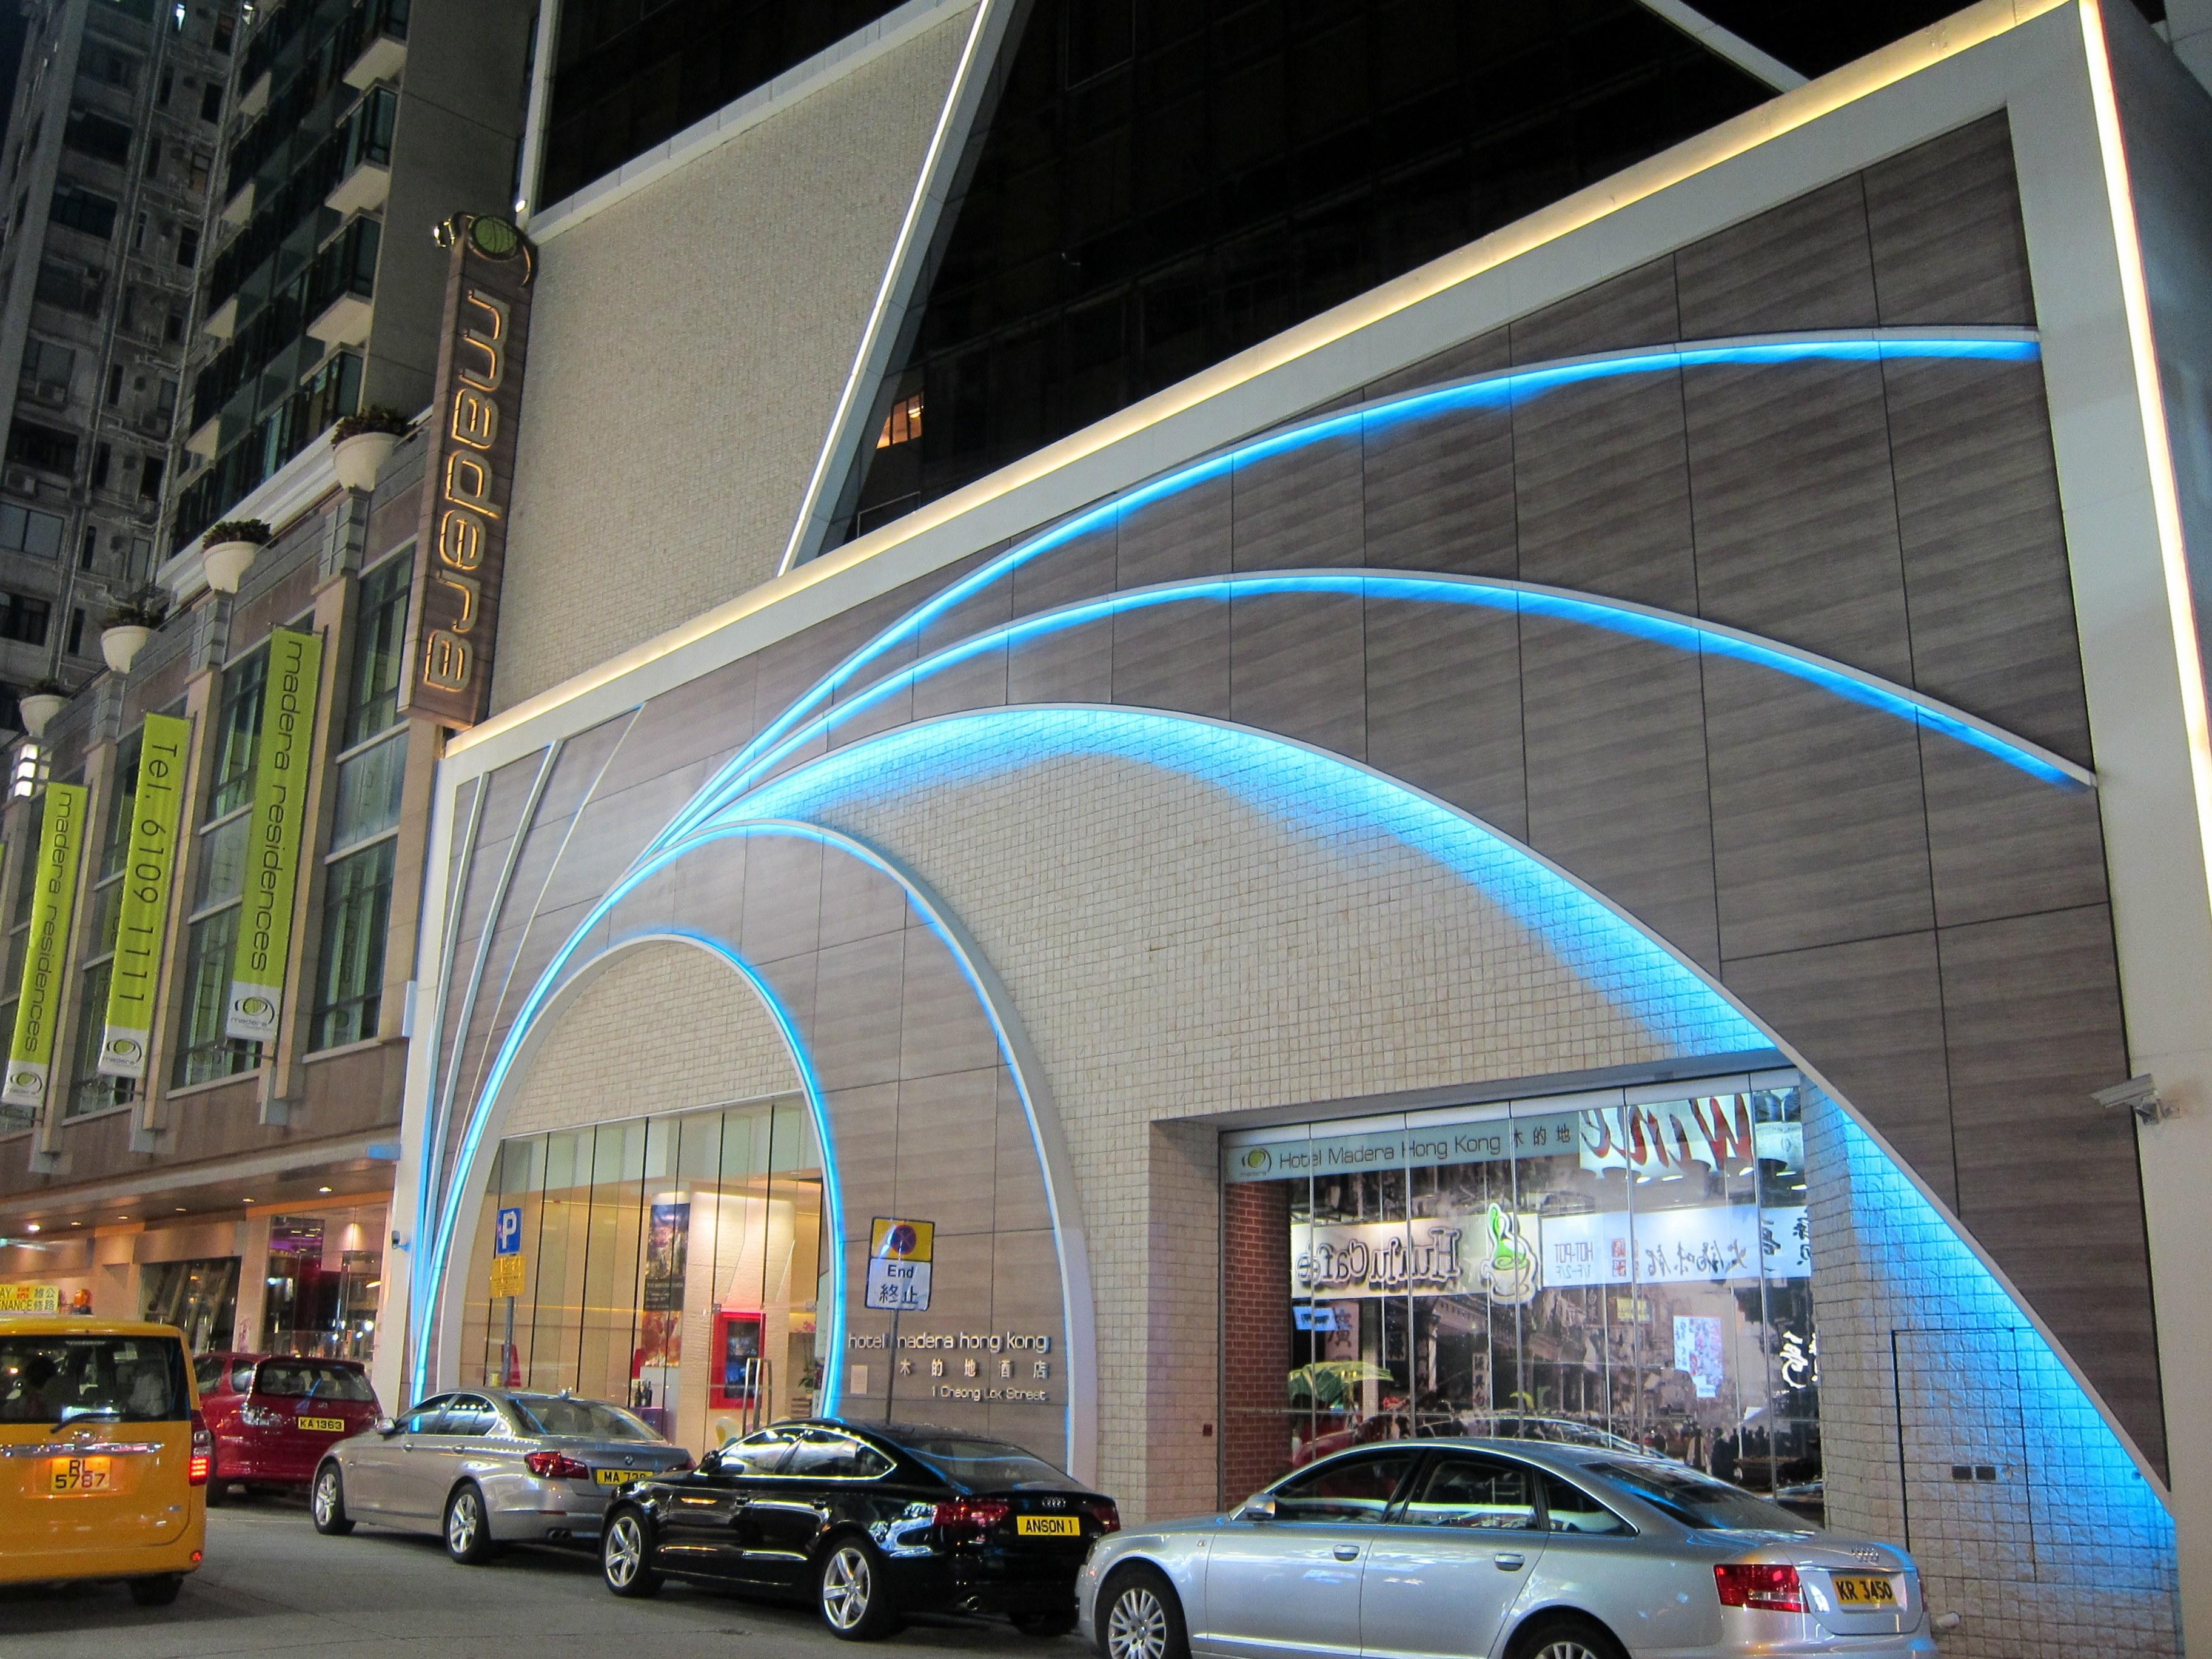 Madera Hotel entrance